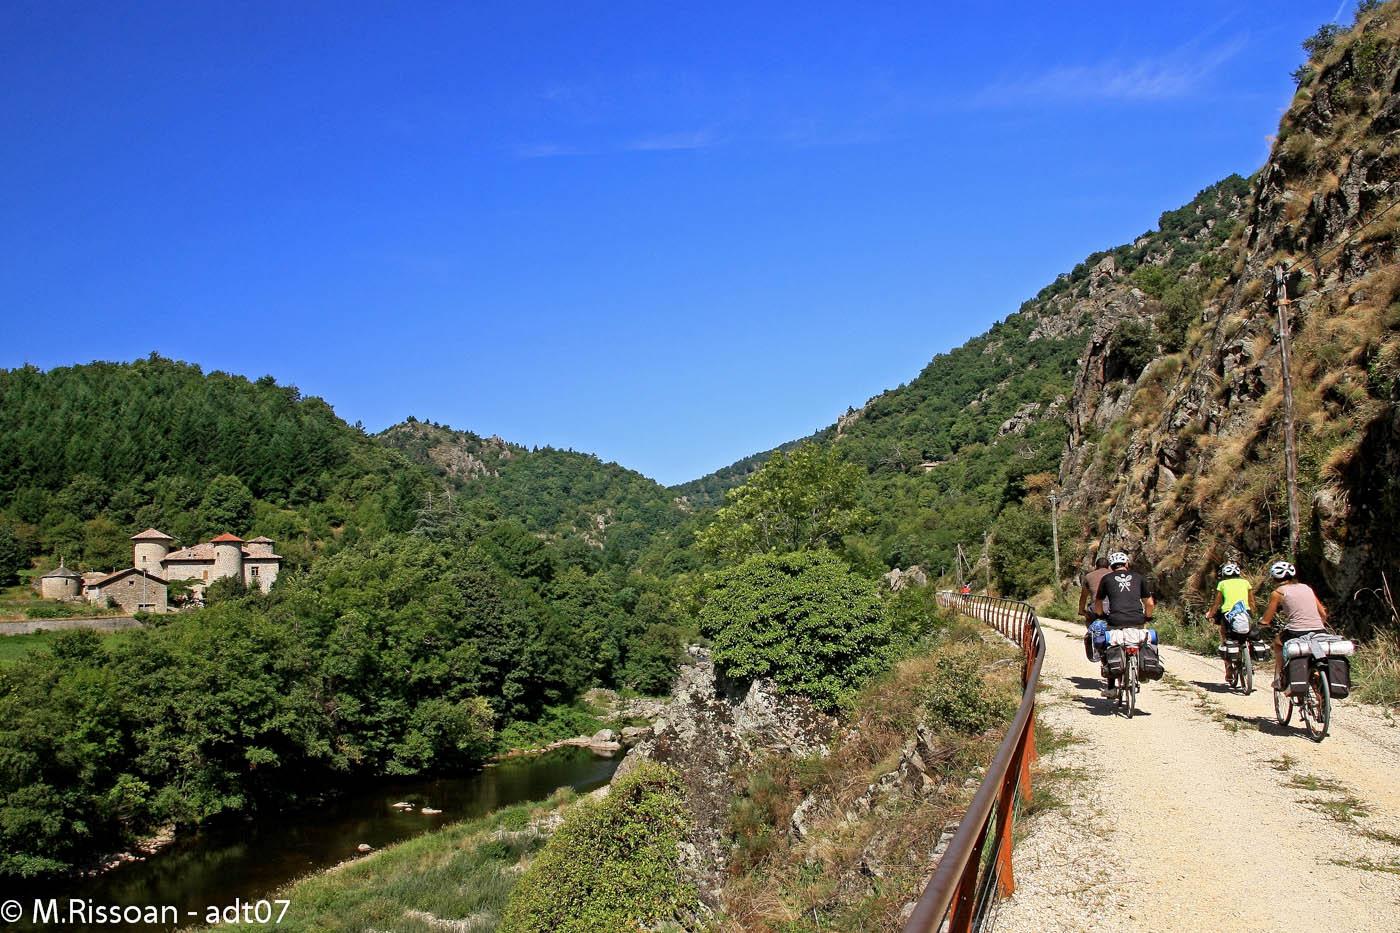 Vélo sur les voies vertes et voies douces : La Dolce Via de La Voulte sur Rhône à Saint-Agrève